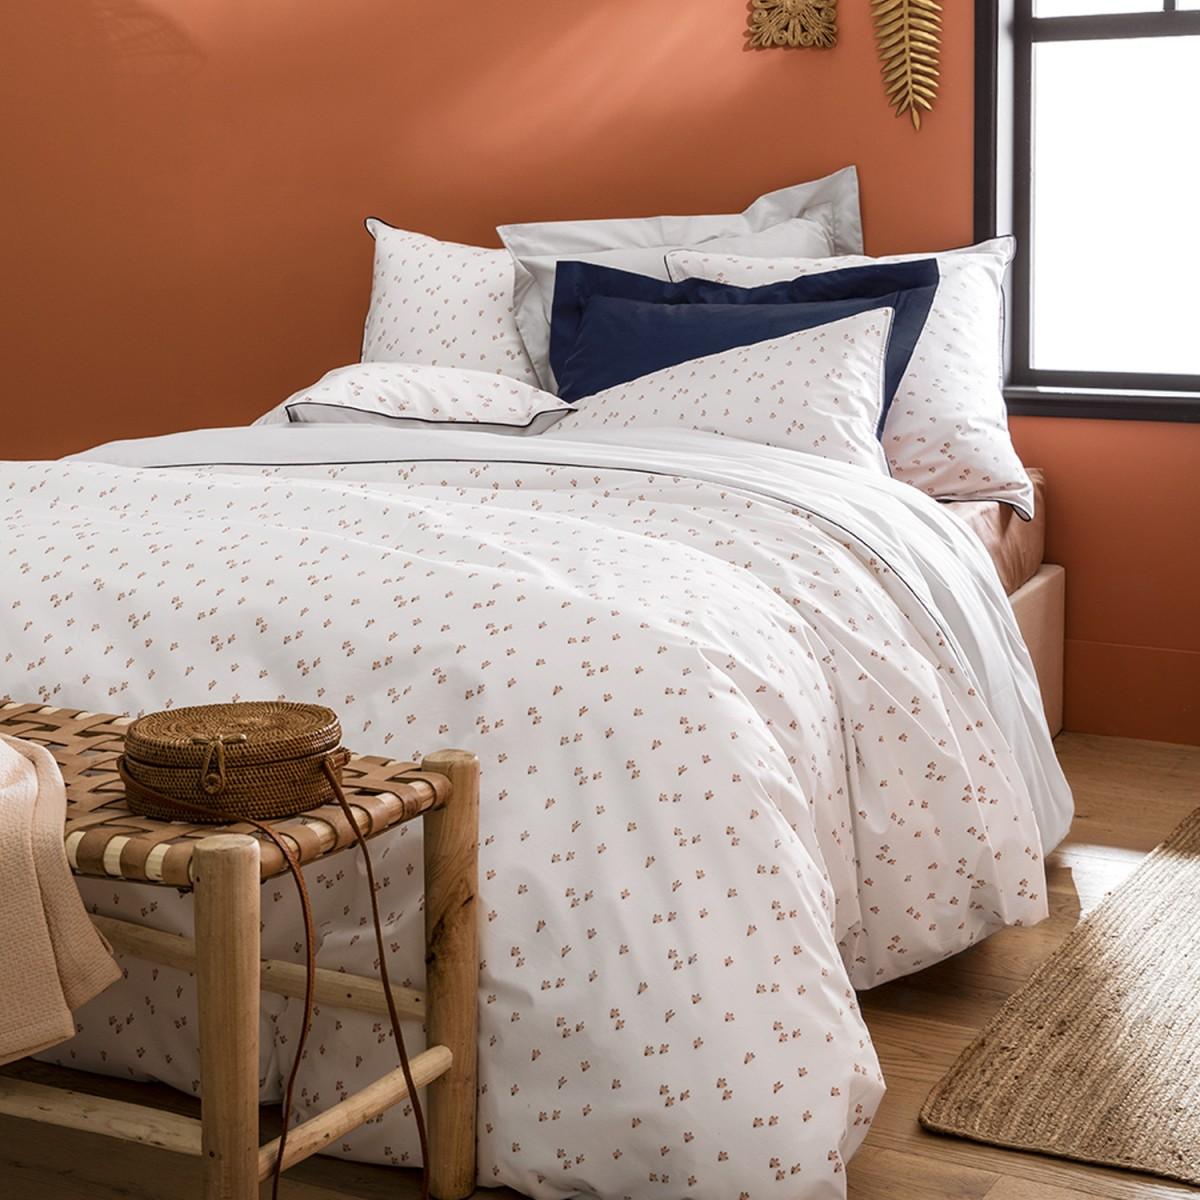 morpheeliterie-essix-parure-de-lit-haut-de-gamme-recif-percale-de-coton-blanc-motif-corail-ambiance